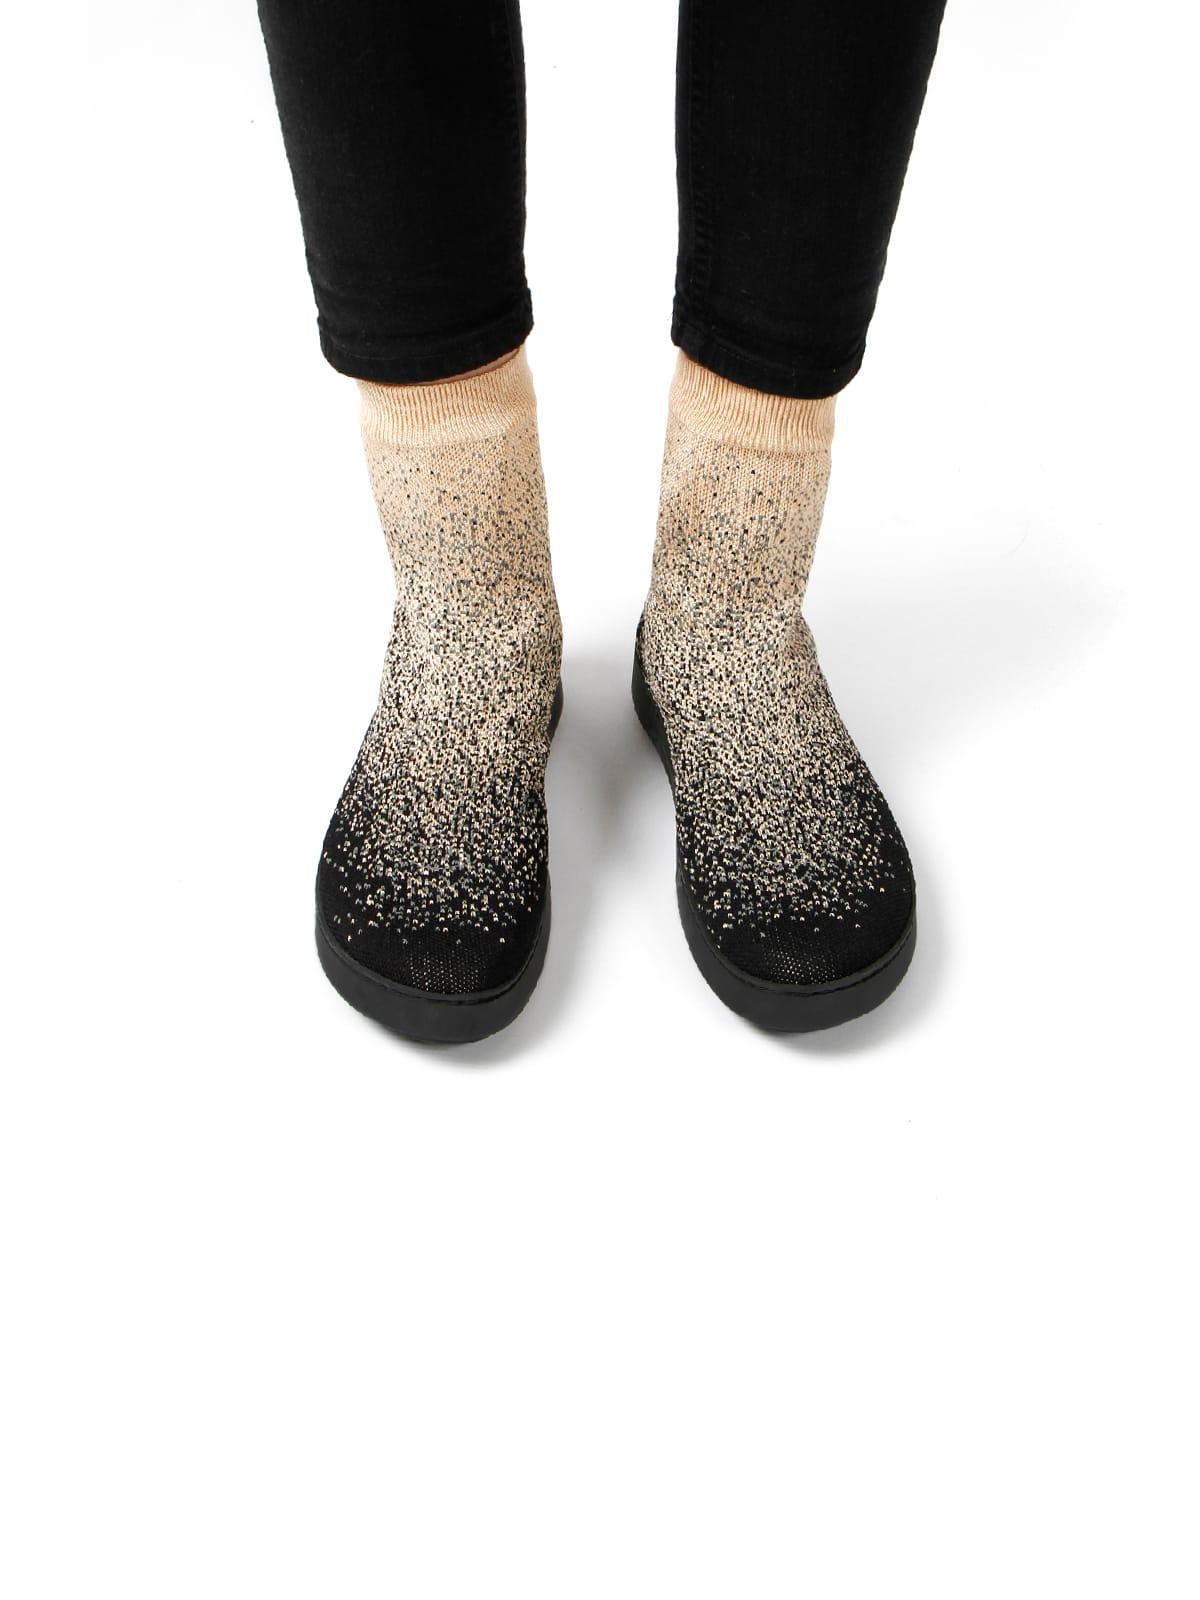 3D knitted sockboot Sparkle starry vorne K